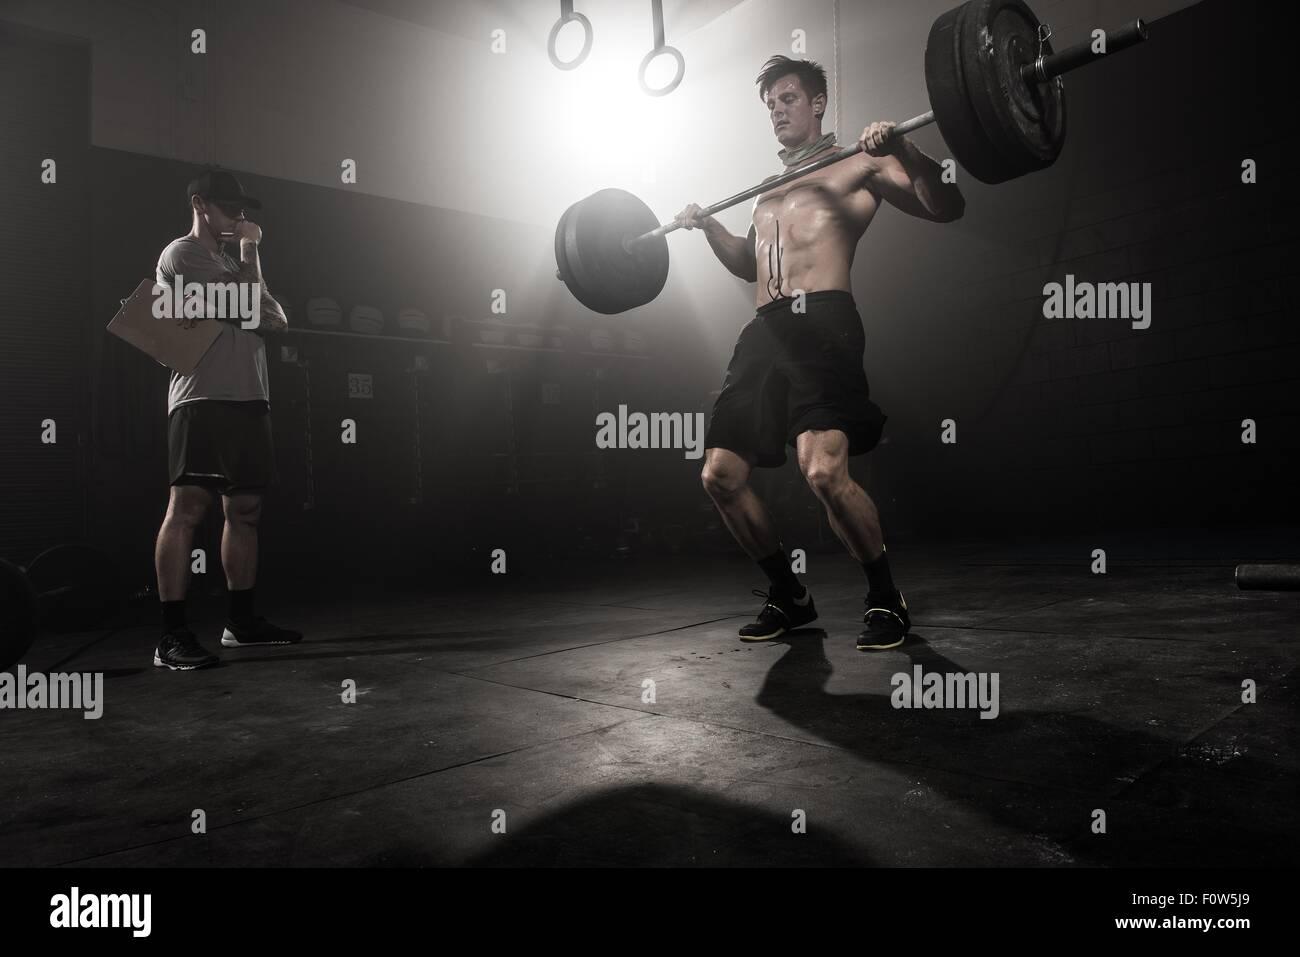 Mitte erwachsenen Mannes Langhantel, heben, während Trainer auf niedrigen Winkel Ansicht sieht Stockbild